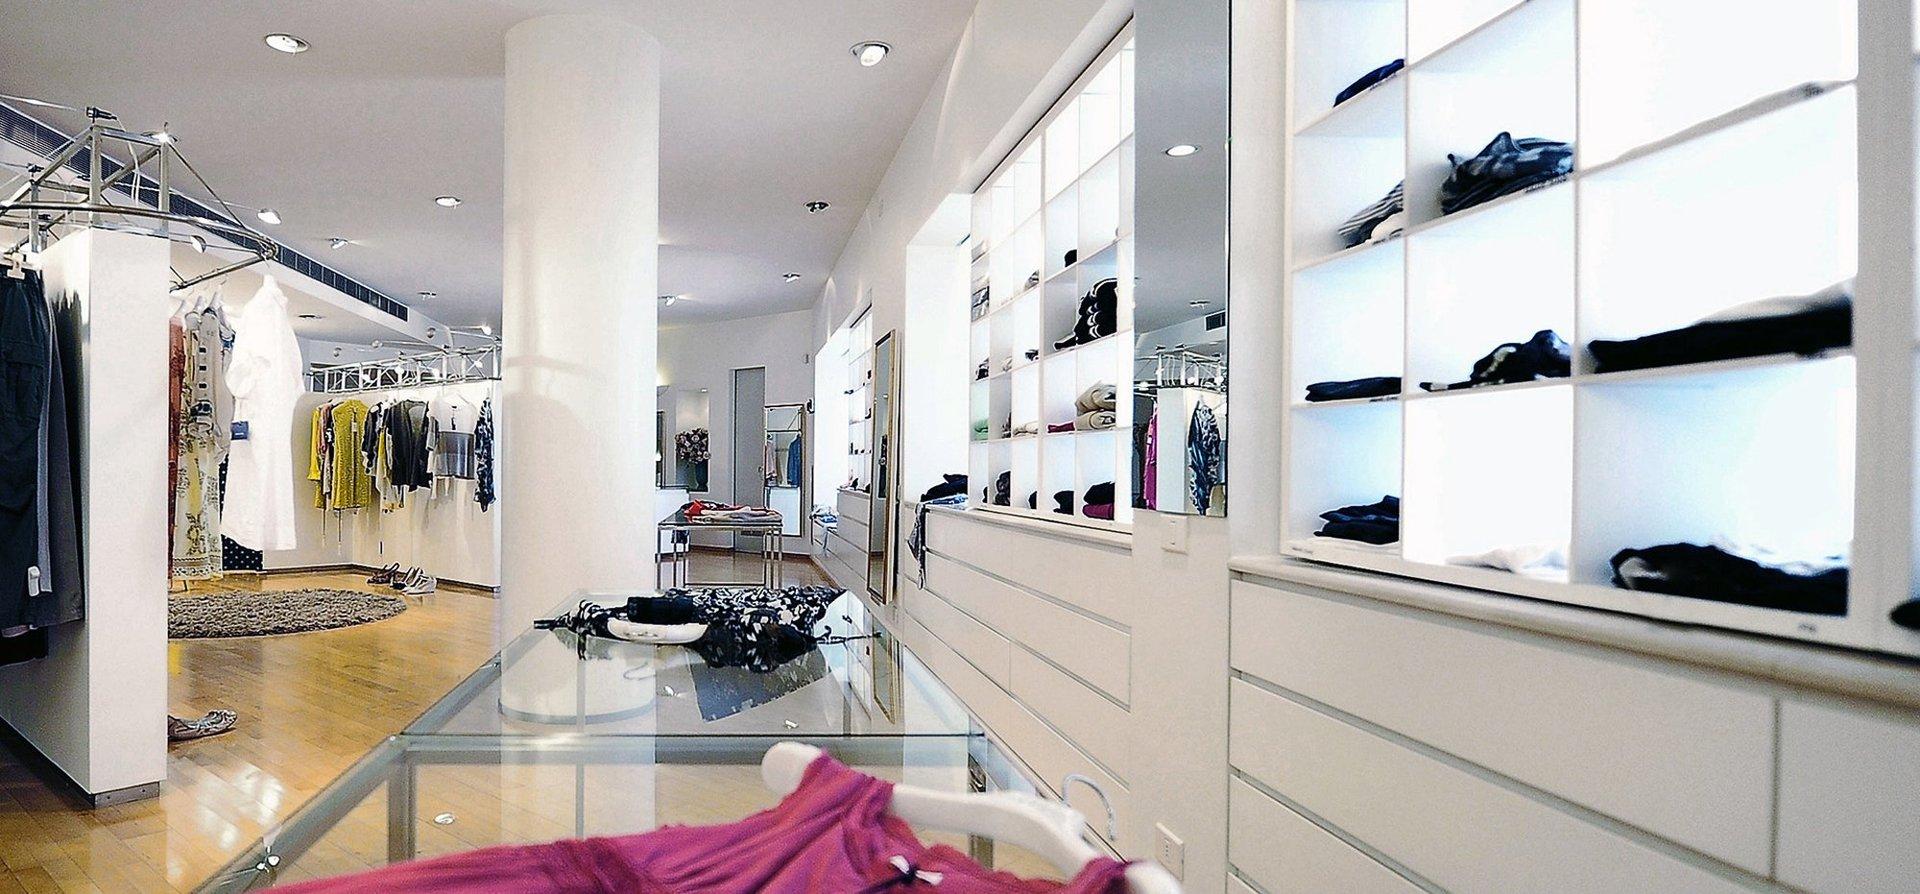 interno negozio di abbigliamento donna